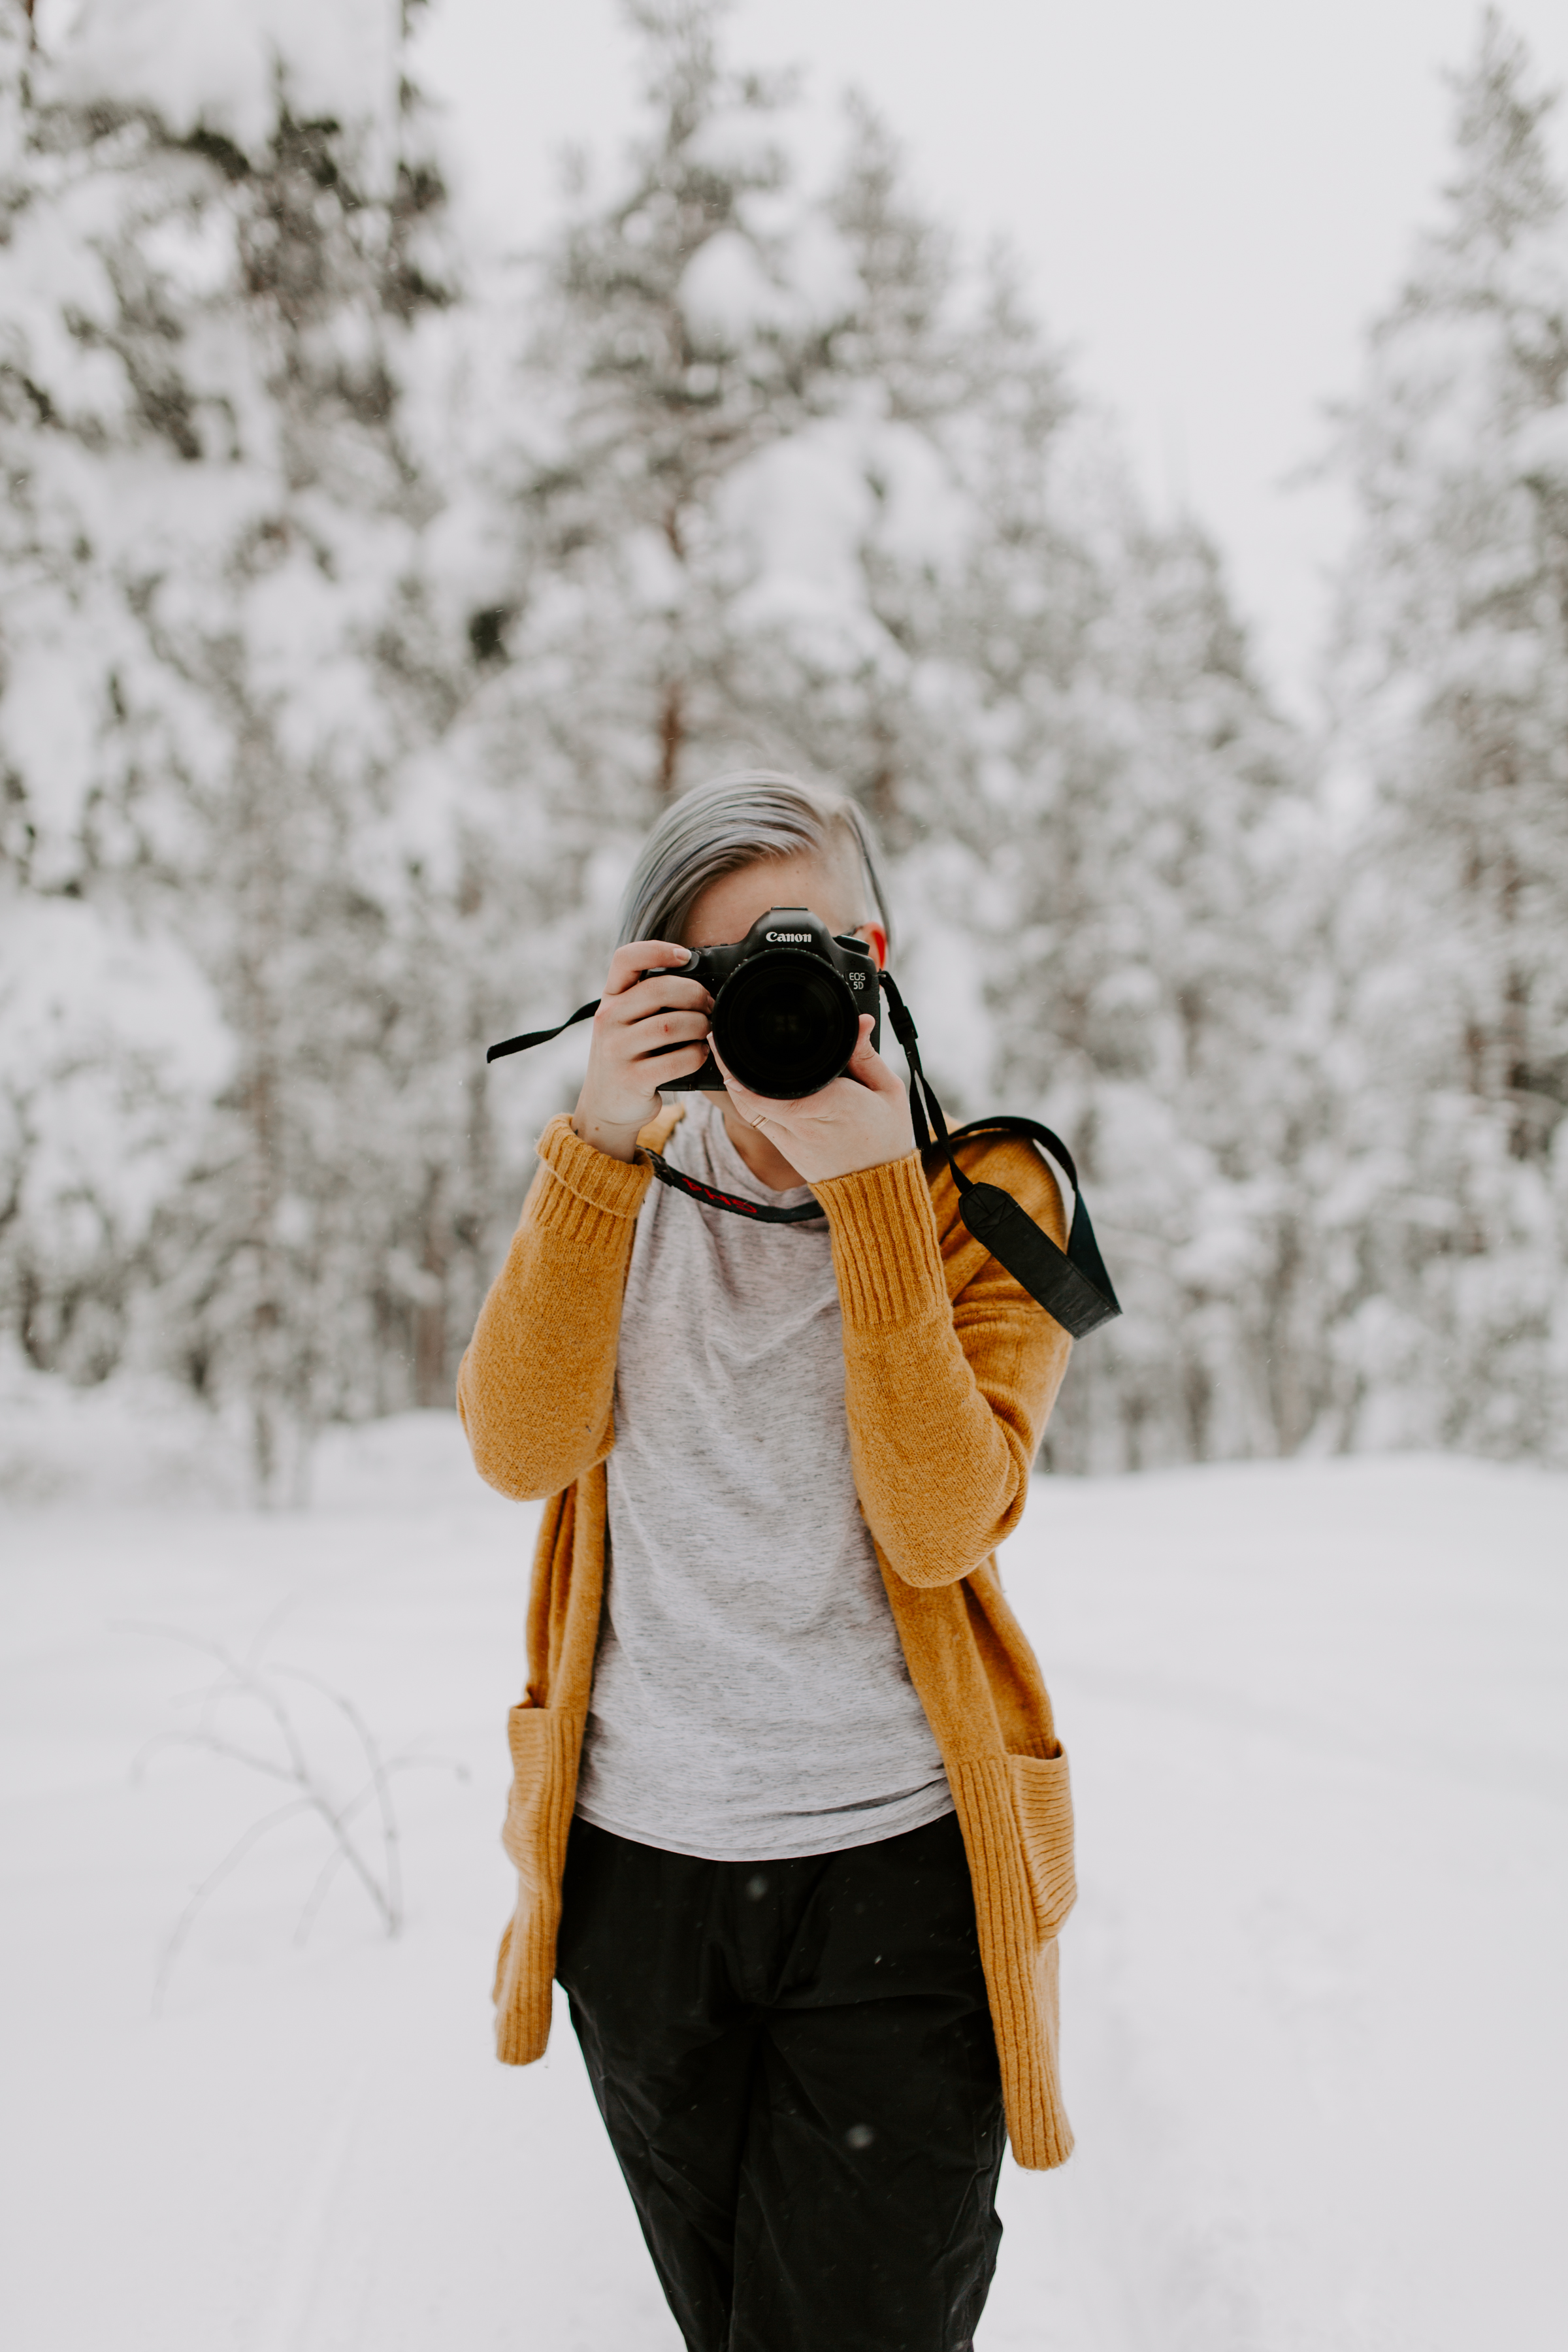 Photo by:  Susanna Lönnrot